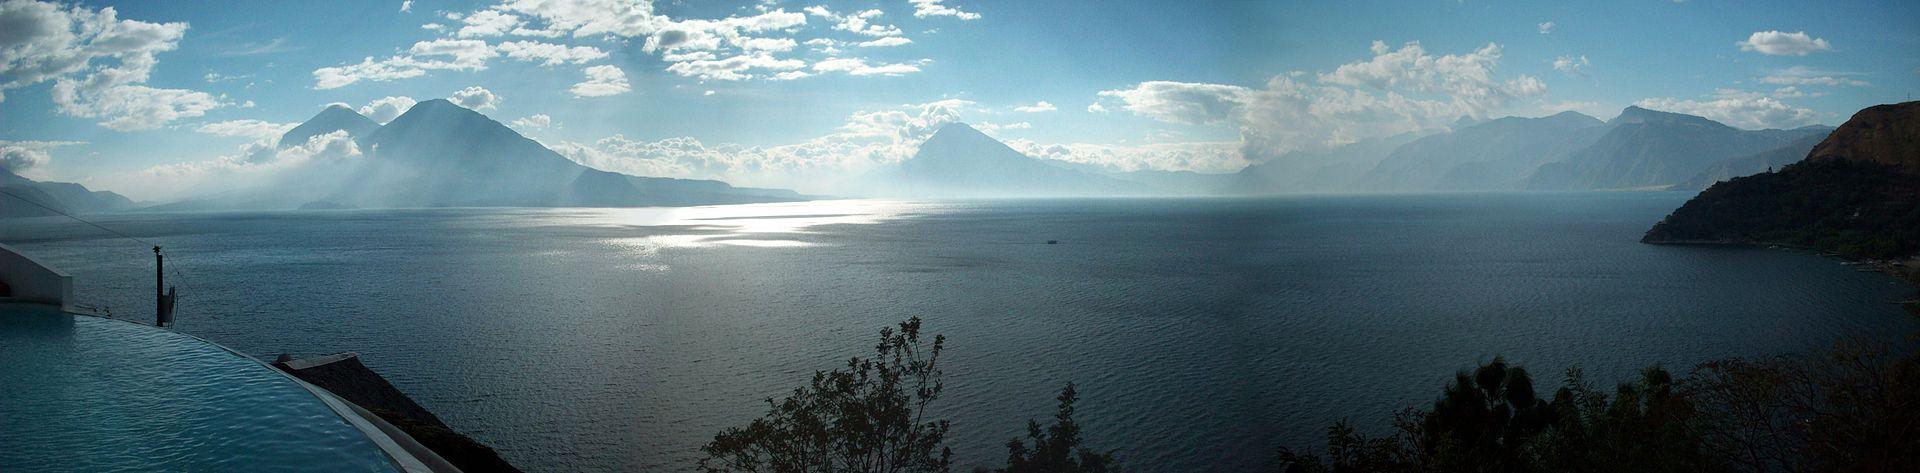 1920px-Atitlan_Lake.jpg